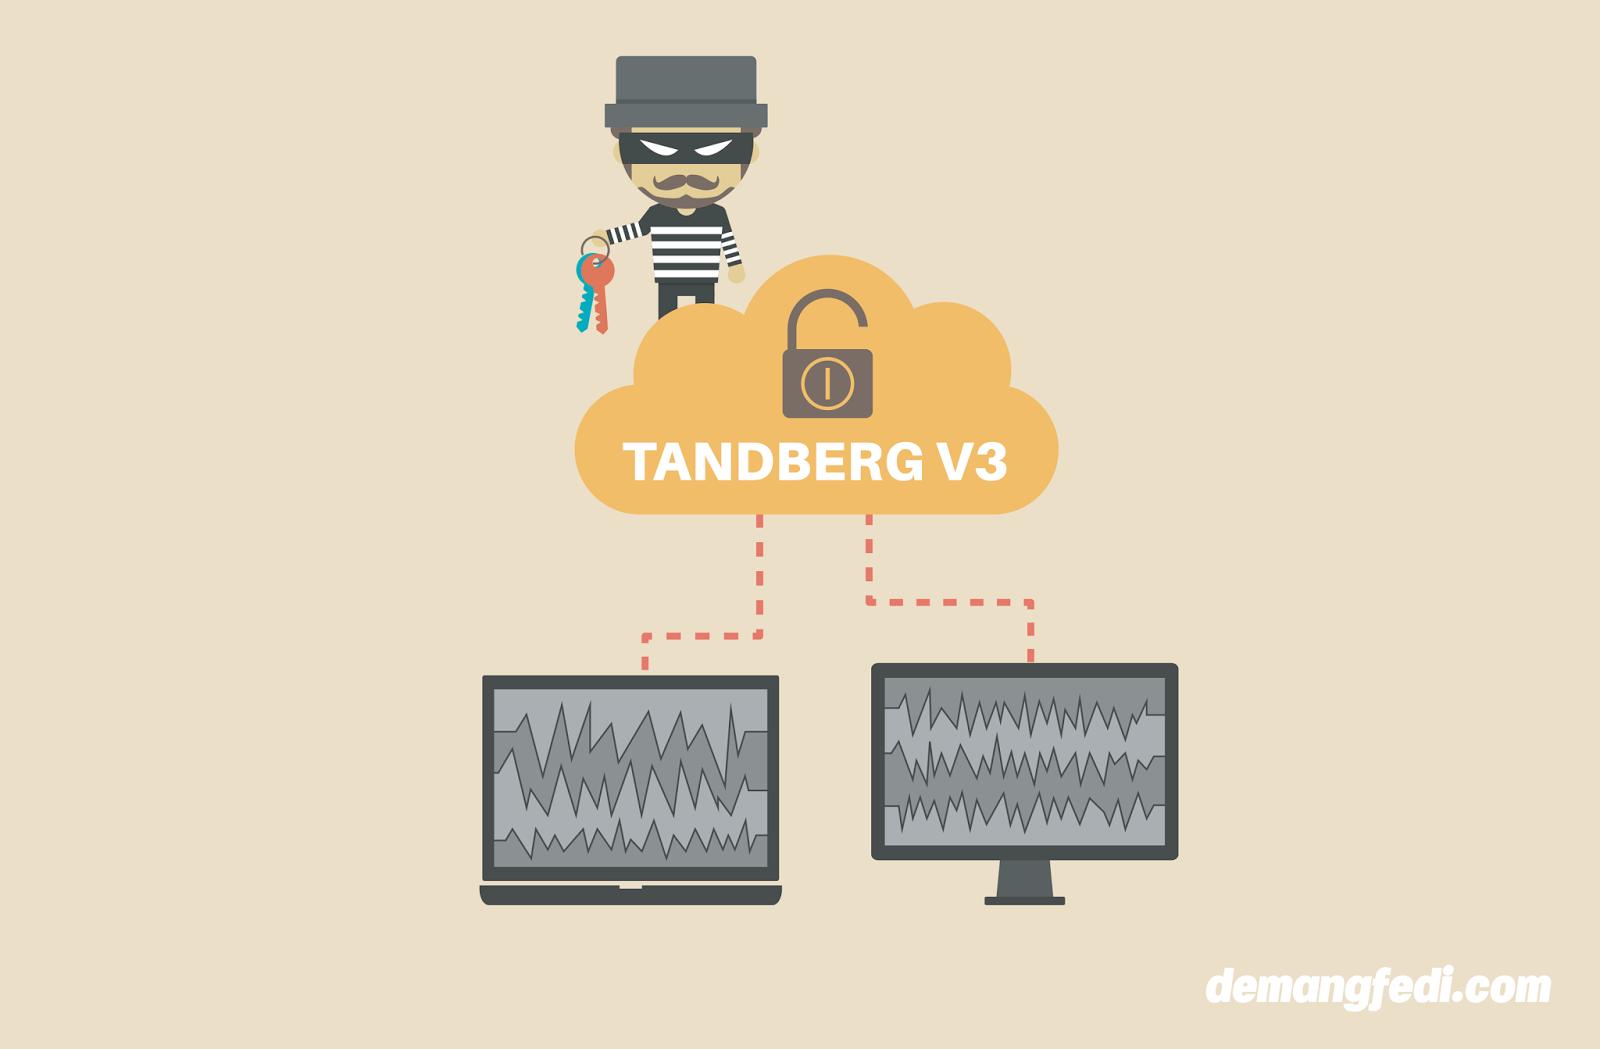 SW Tandberg V3 By Anubis_IR